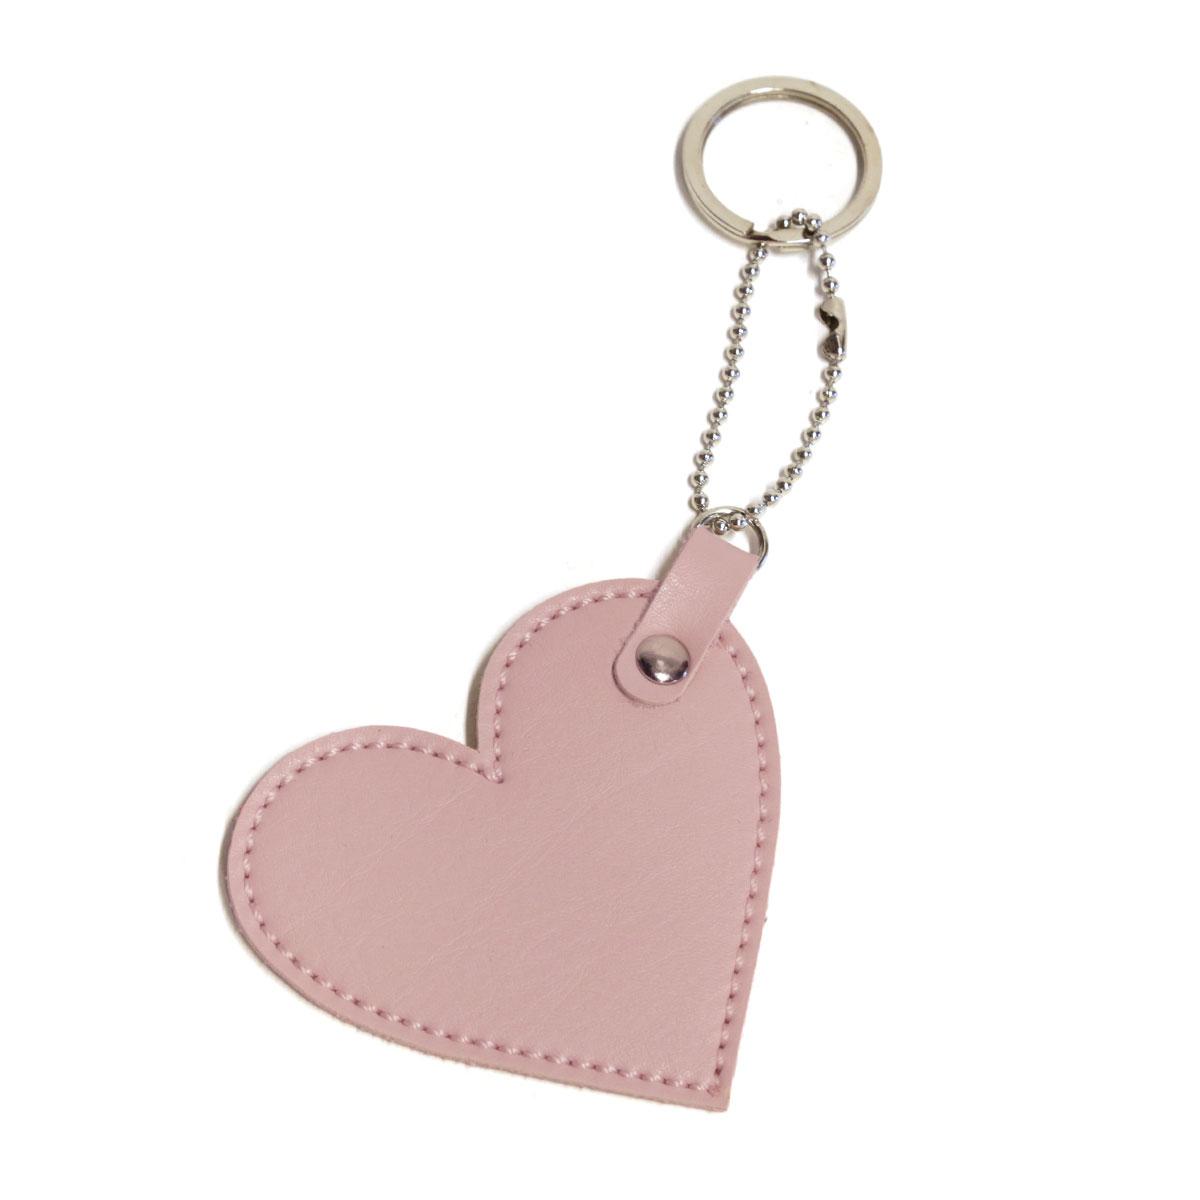 Chaveiro coração (Montana Rosé)